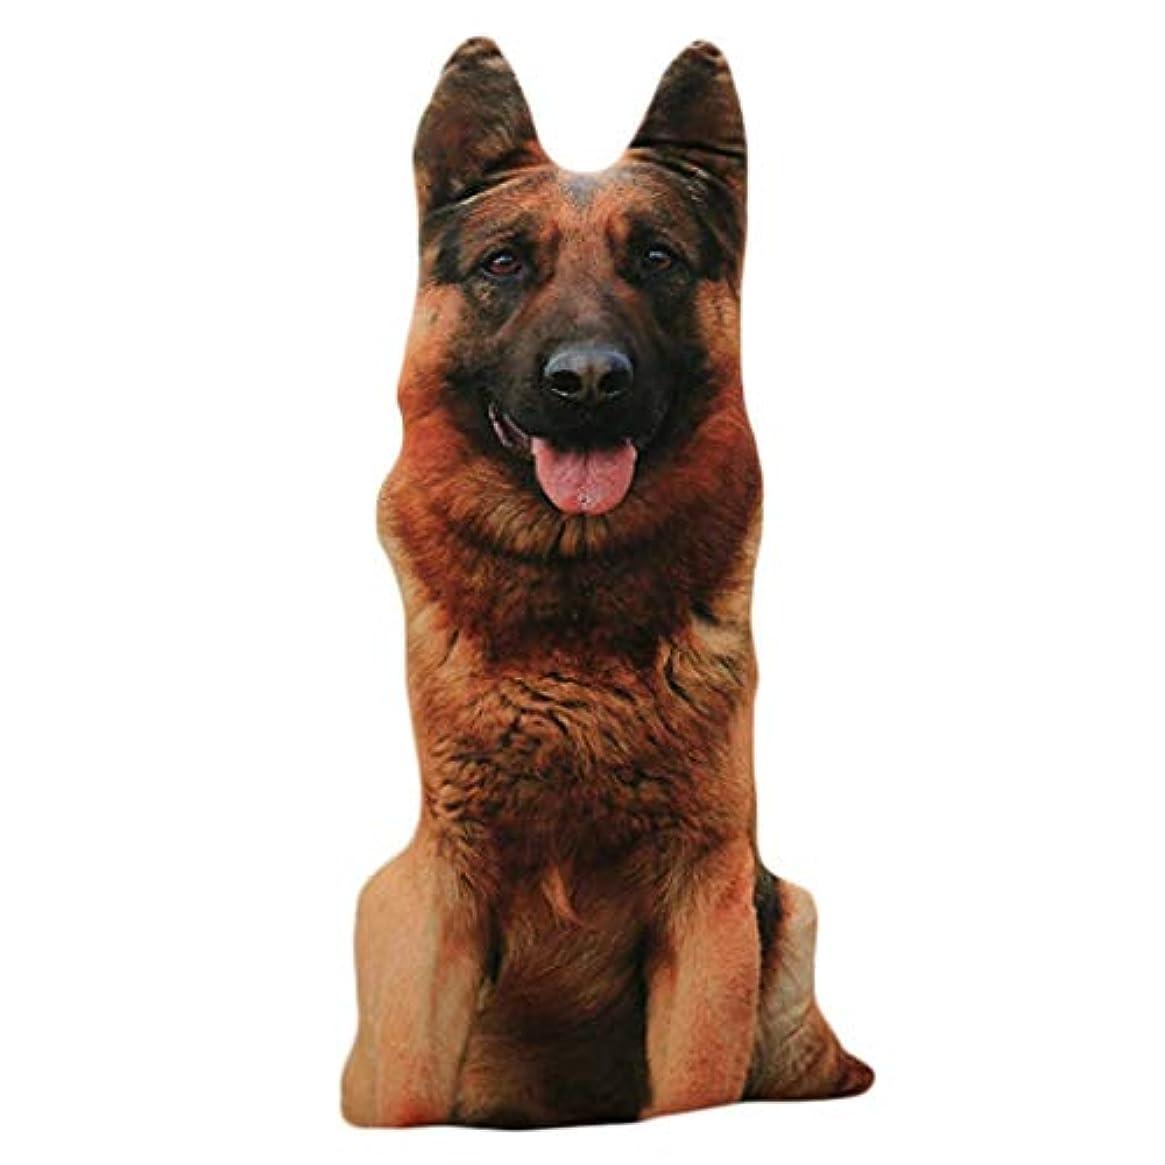 数値モール暗記するLIFE 装飾クッションソファおかしい 3D 犬印刷スロー枕創造クッションかわいいぬいぐるみギフト家の装飾 coussin decoratif クッション 椅子